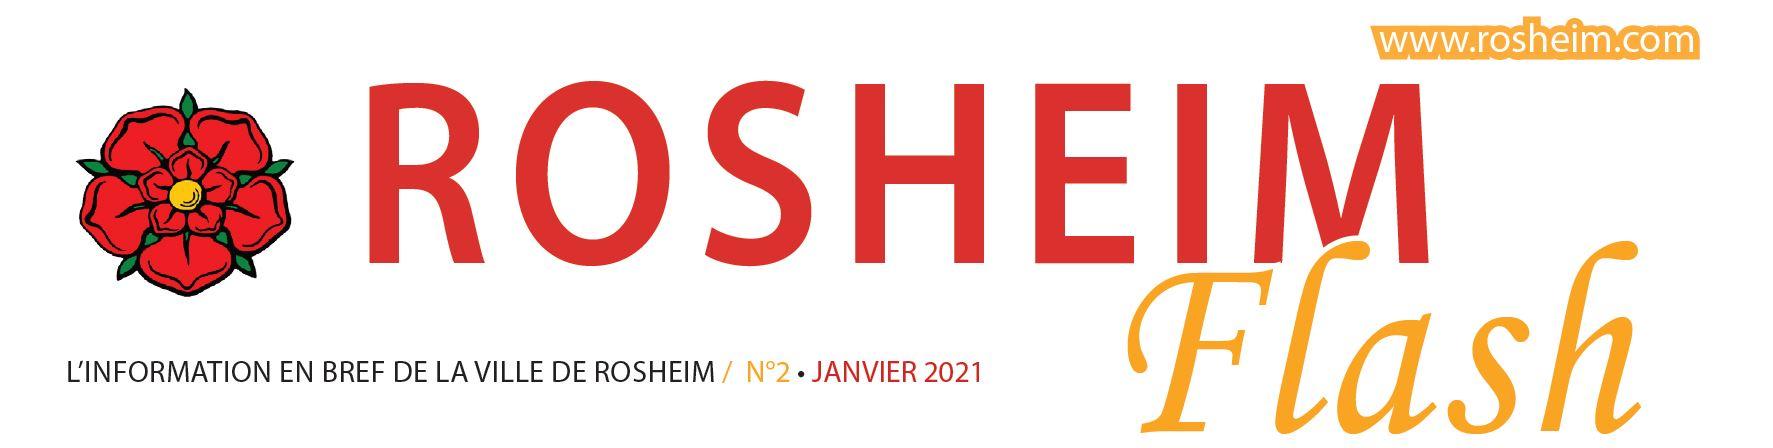 Rosheim Flash